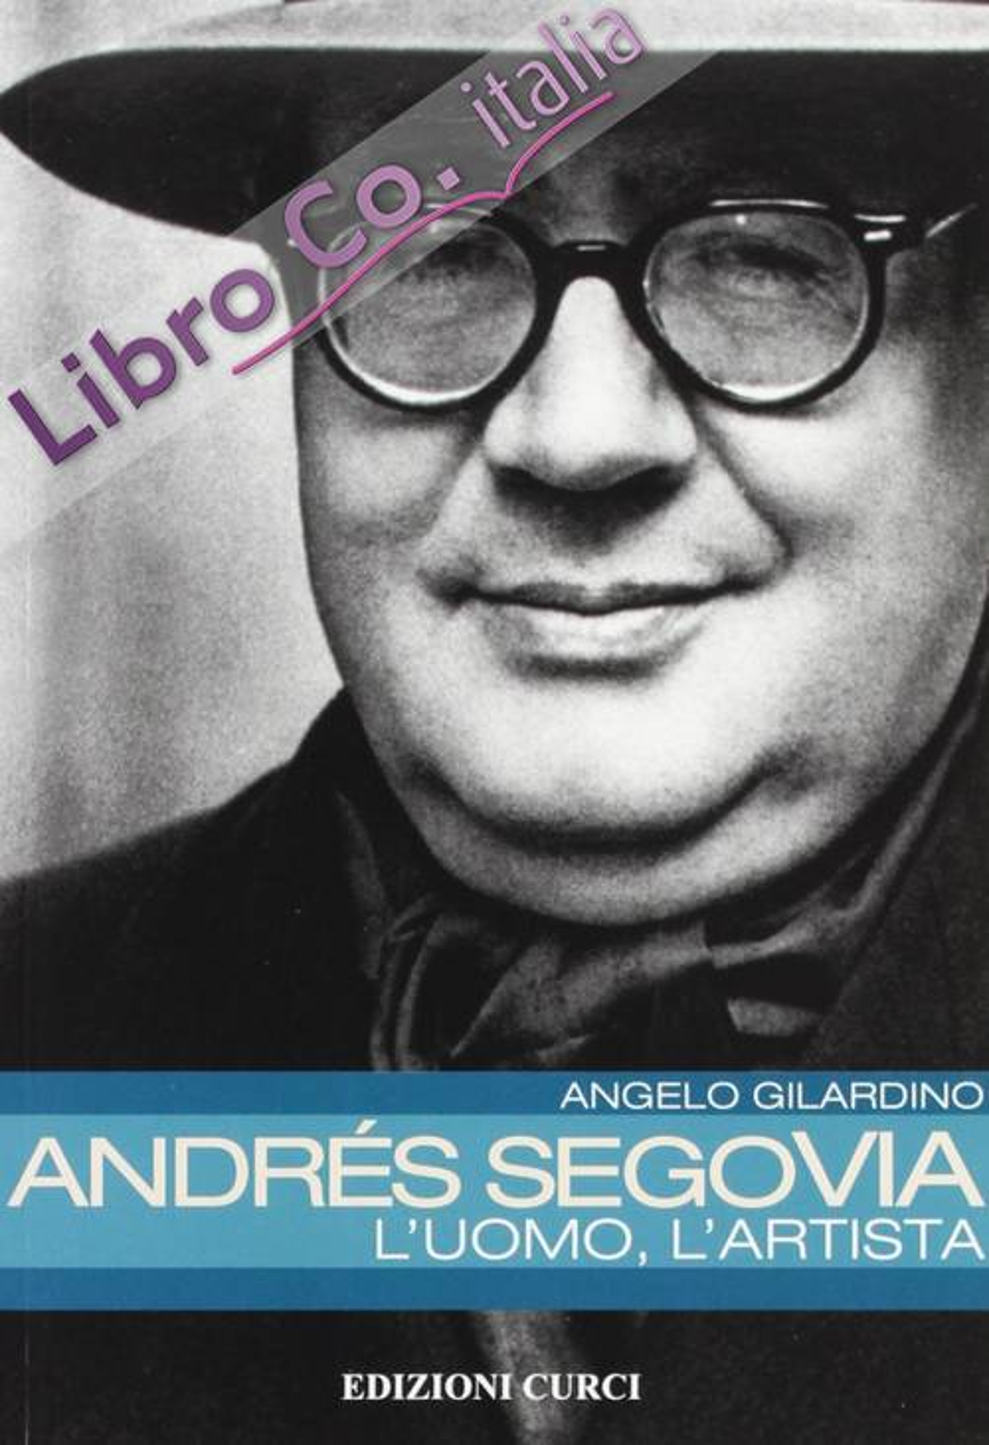 Andrés Segovia: l'uomo, l'artista.